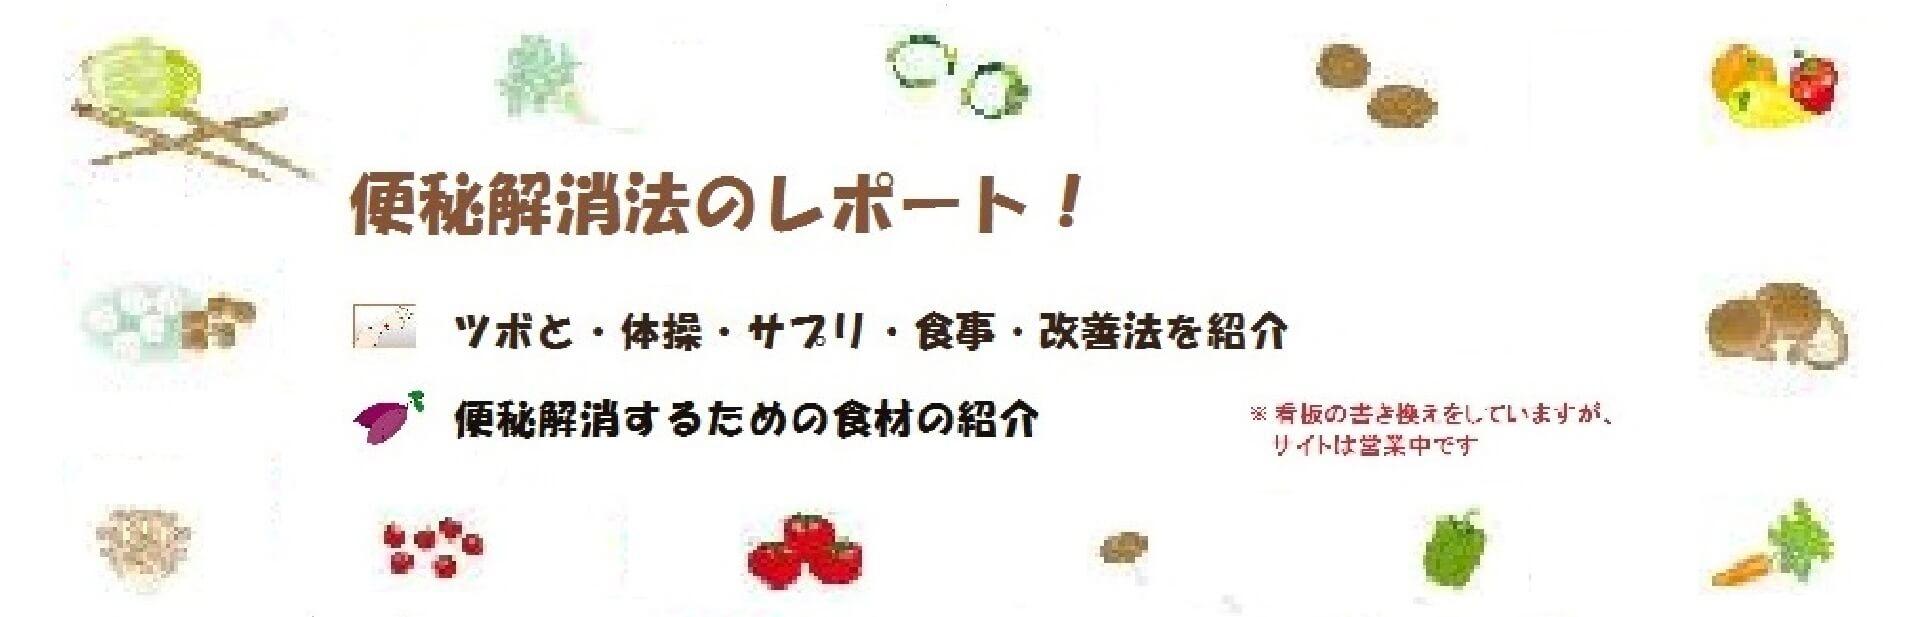 便秘.comのサブページ・ヘッダー画像